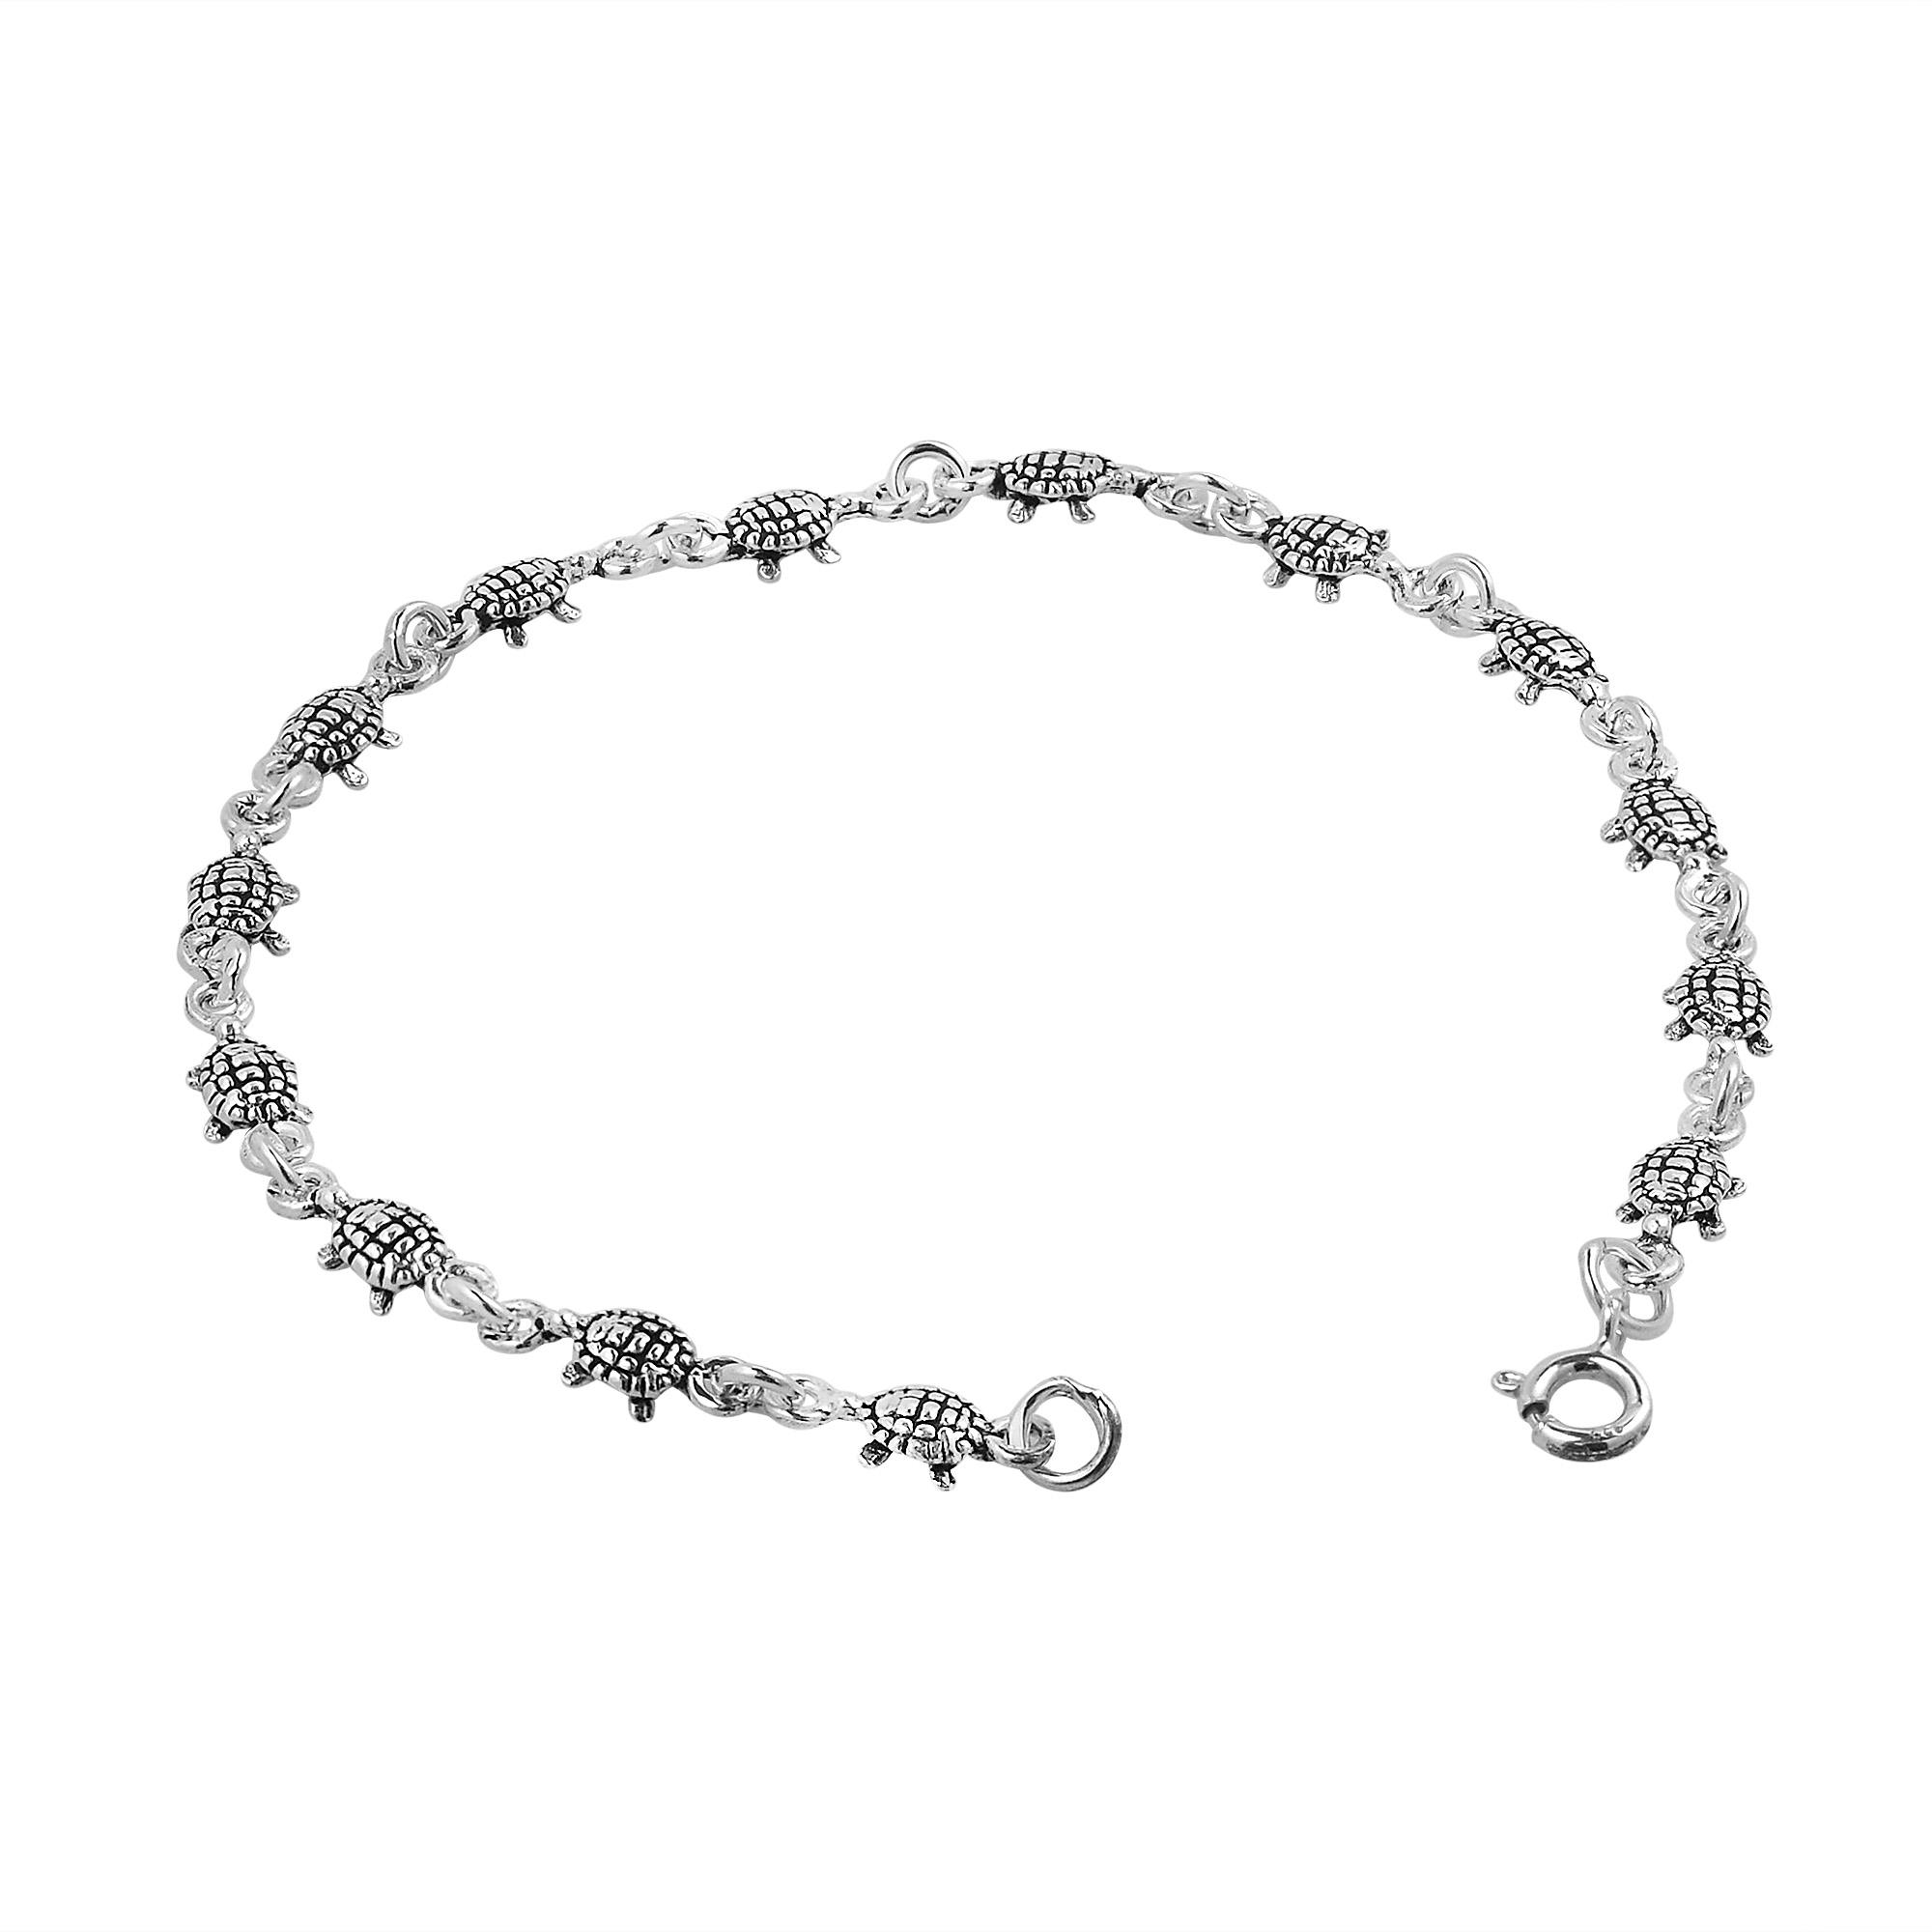 Cute Baby Sea Turtle Turtles Link 925 Silver Bracelet